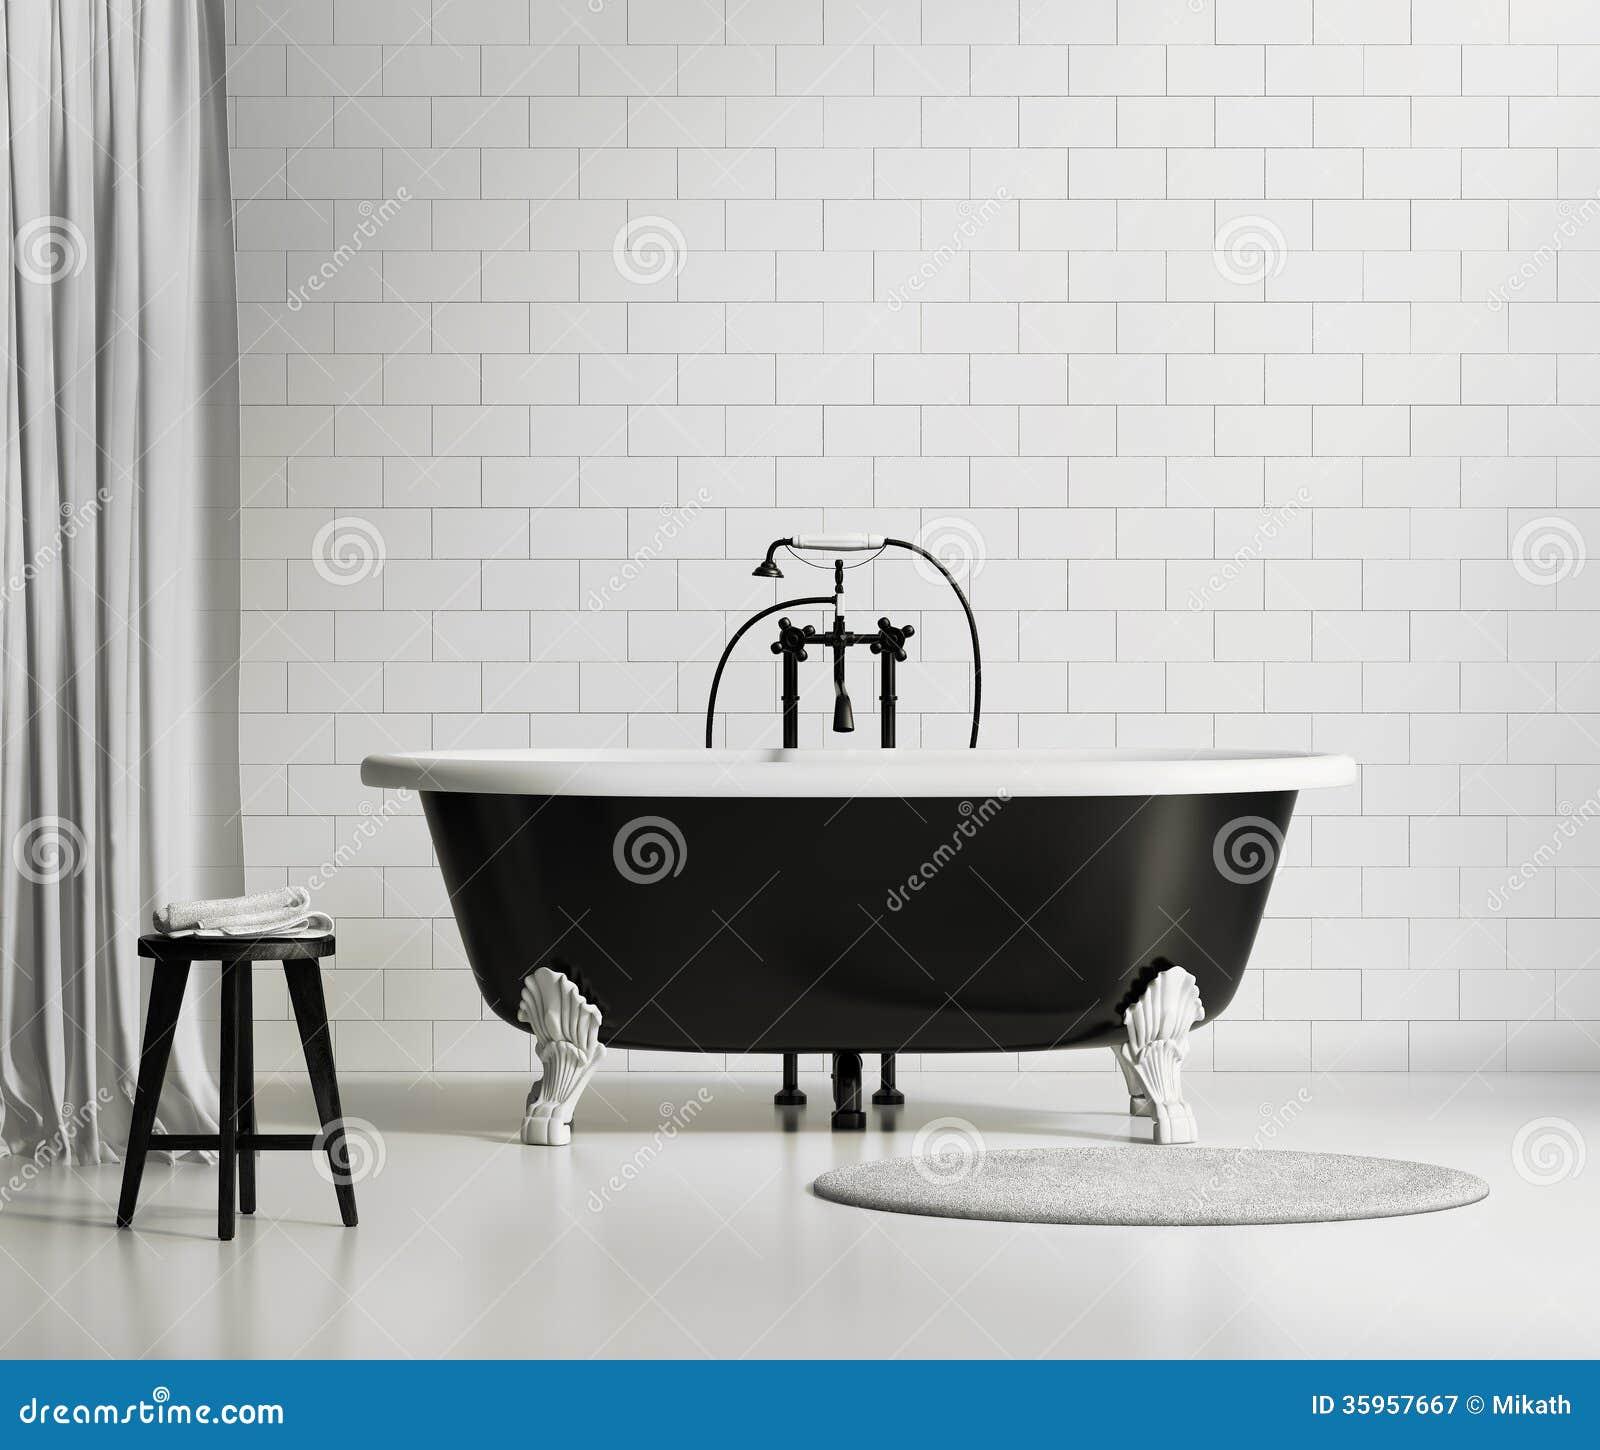 Baignoire classique noire et blanche image stock image for Baignoire noire et blanche